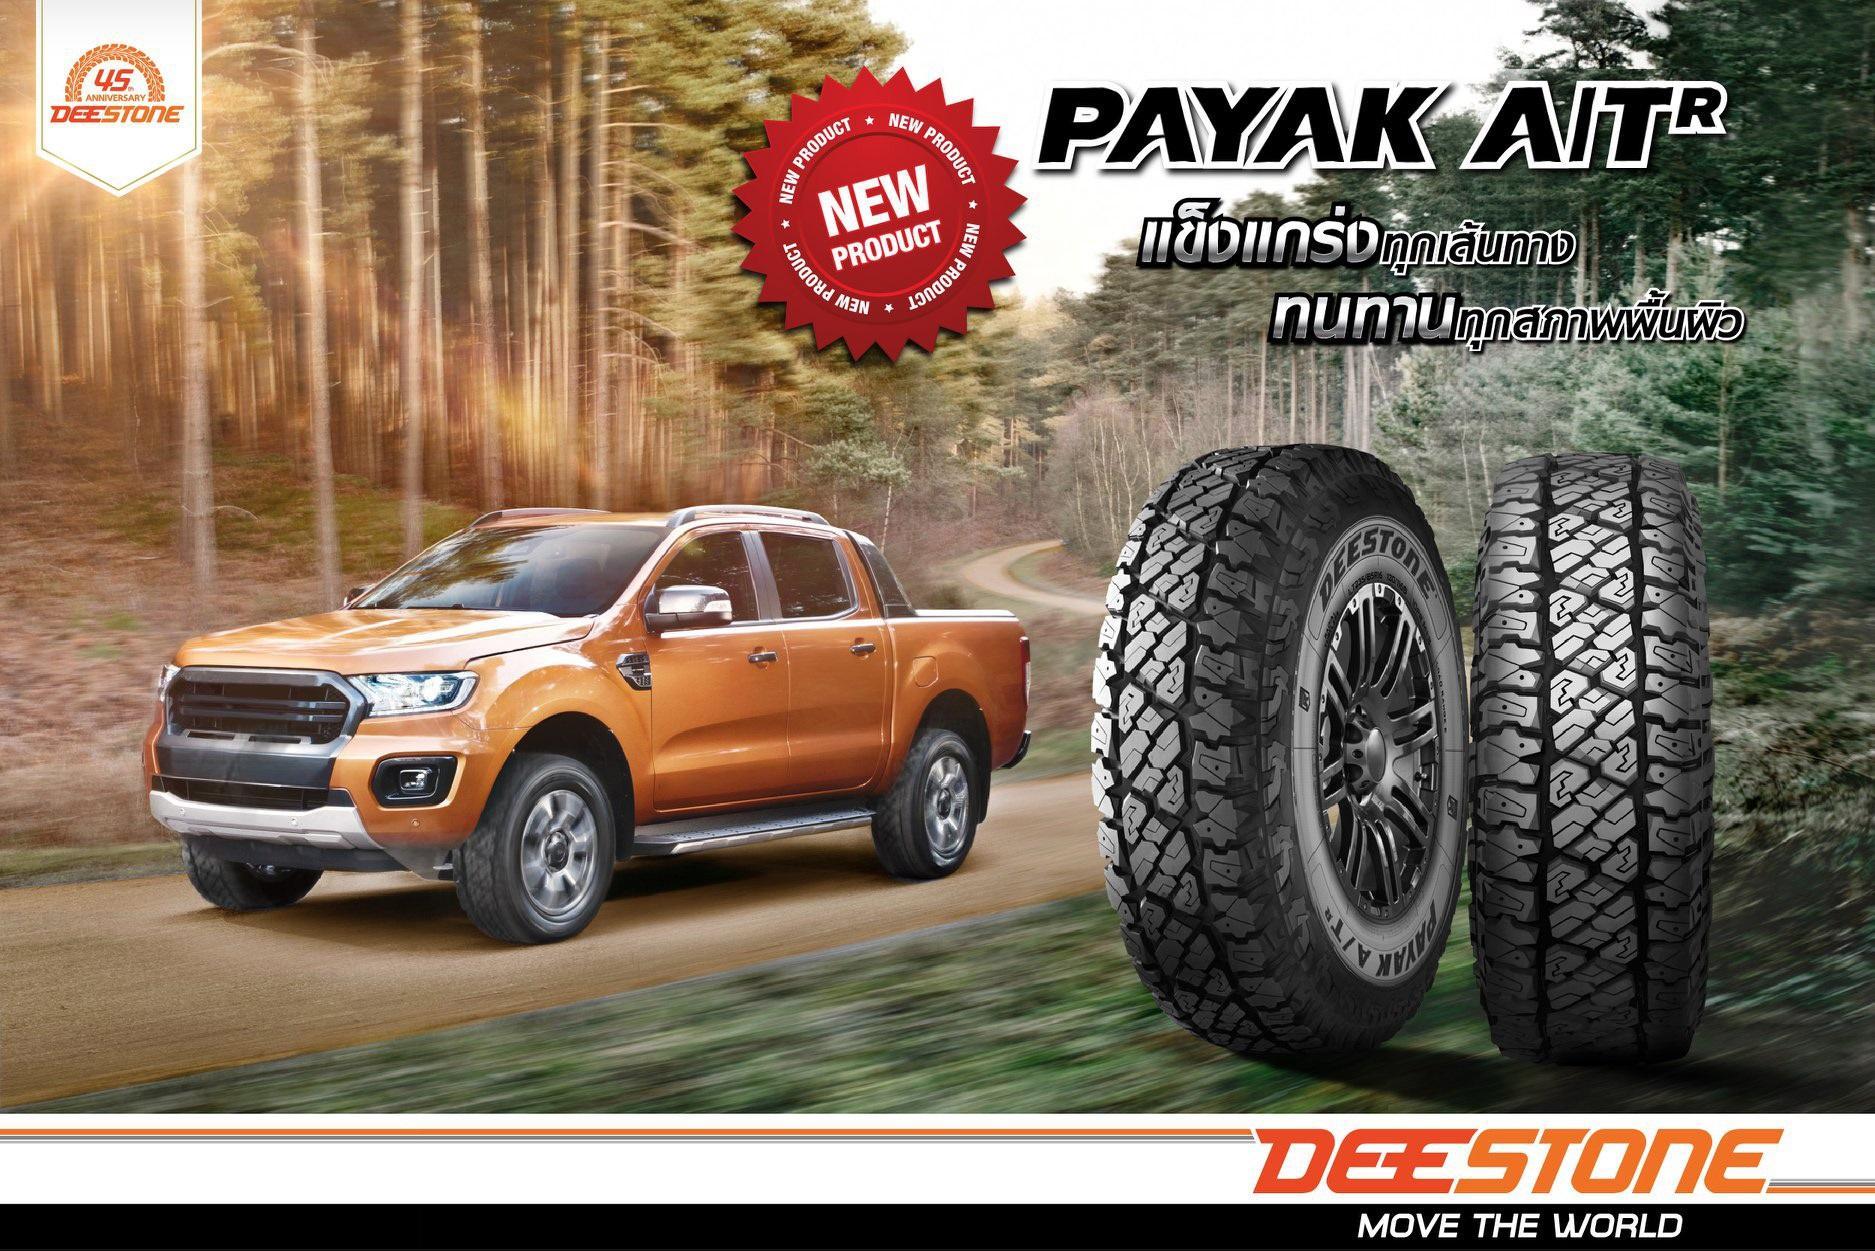 На рынок выходят вседорожные близнецы Deestone Payak A/TR и Thunderer Ranger A/TR